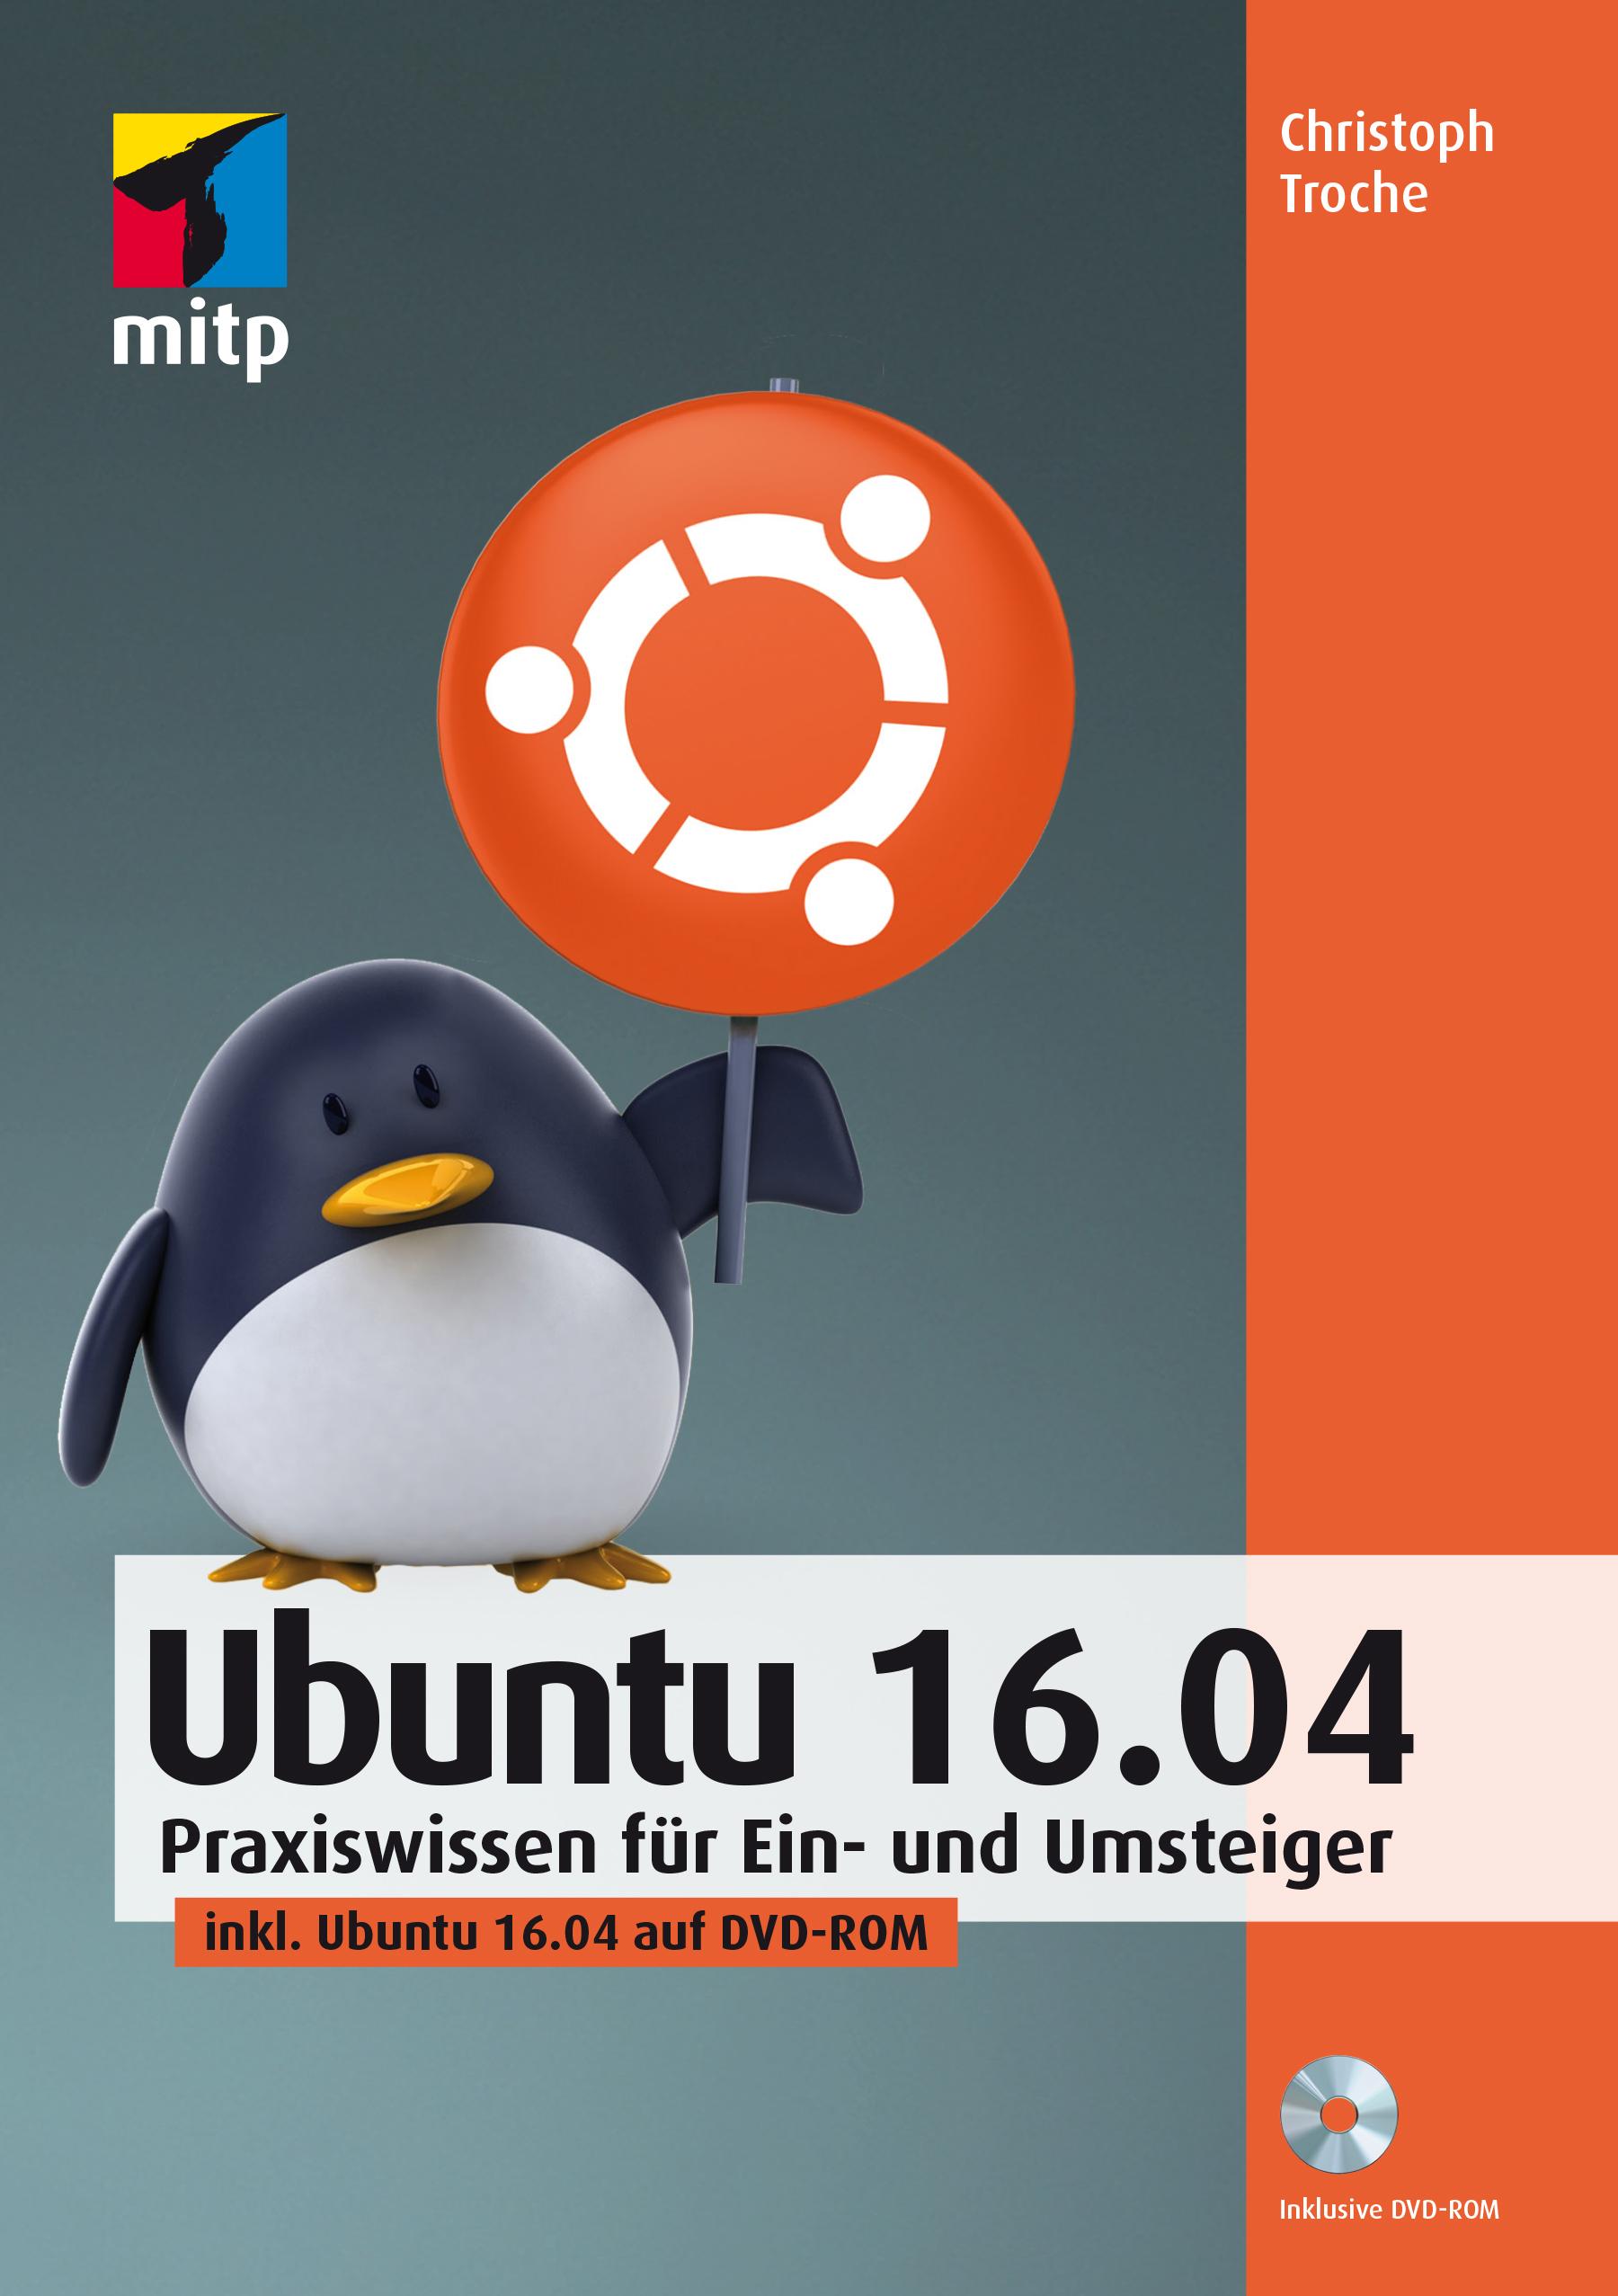 ubuntu_16-04_praxiswissen-fuer-ein-und-umsteiger